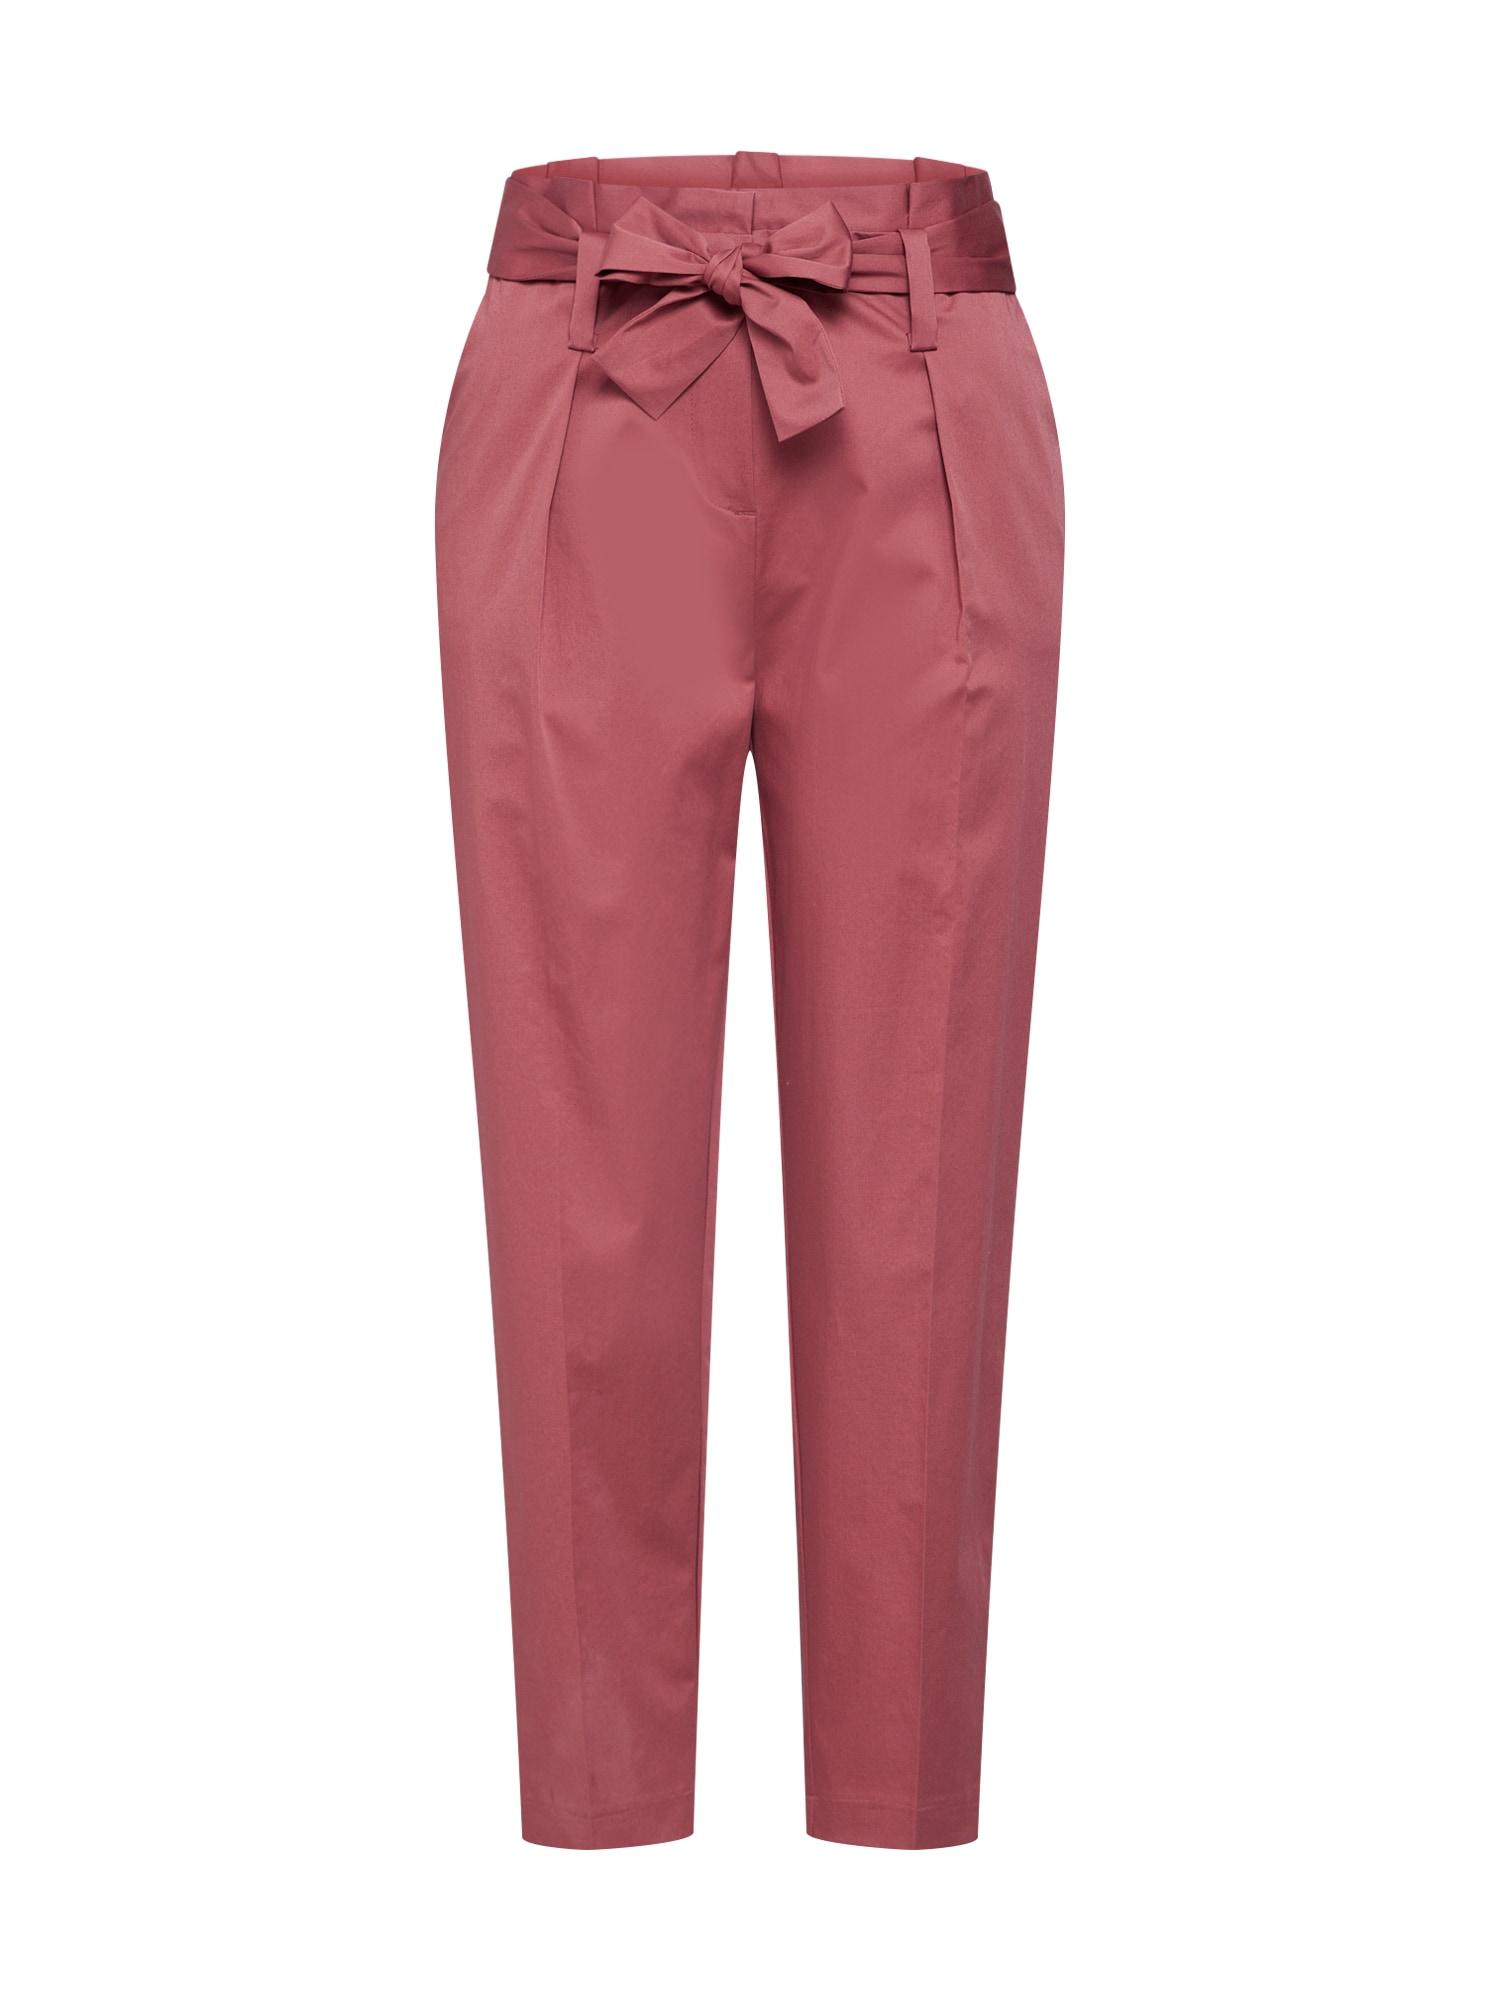 Kalhoty se sklady v pase Karo pastelově červená Iheart